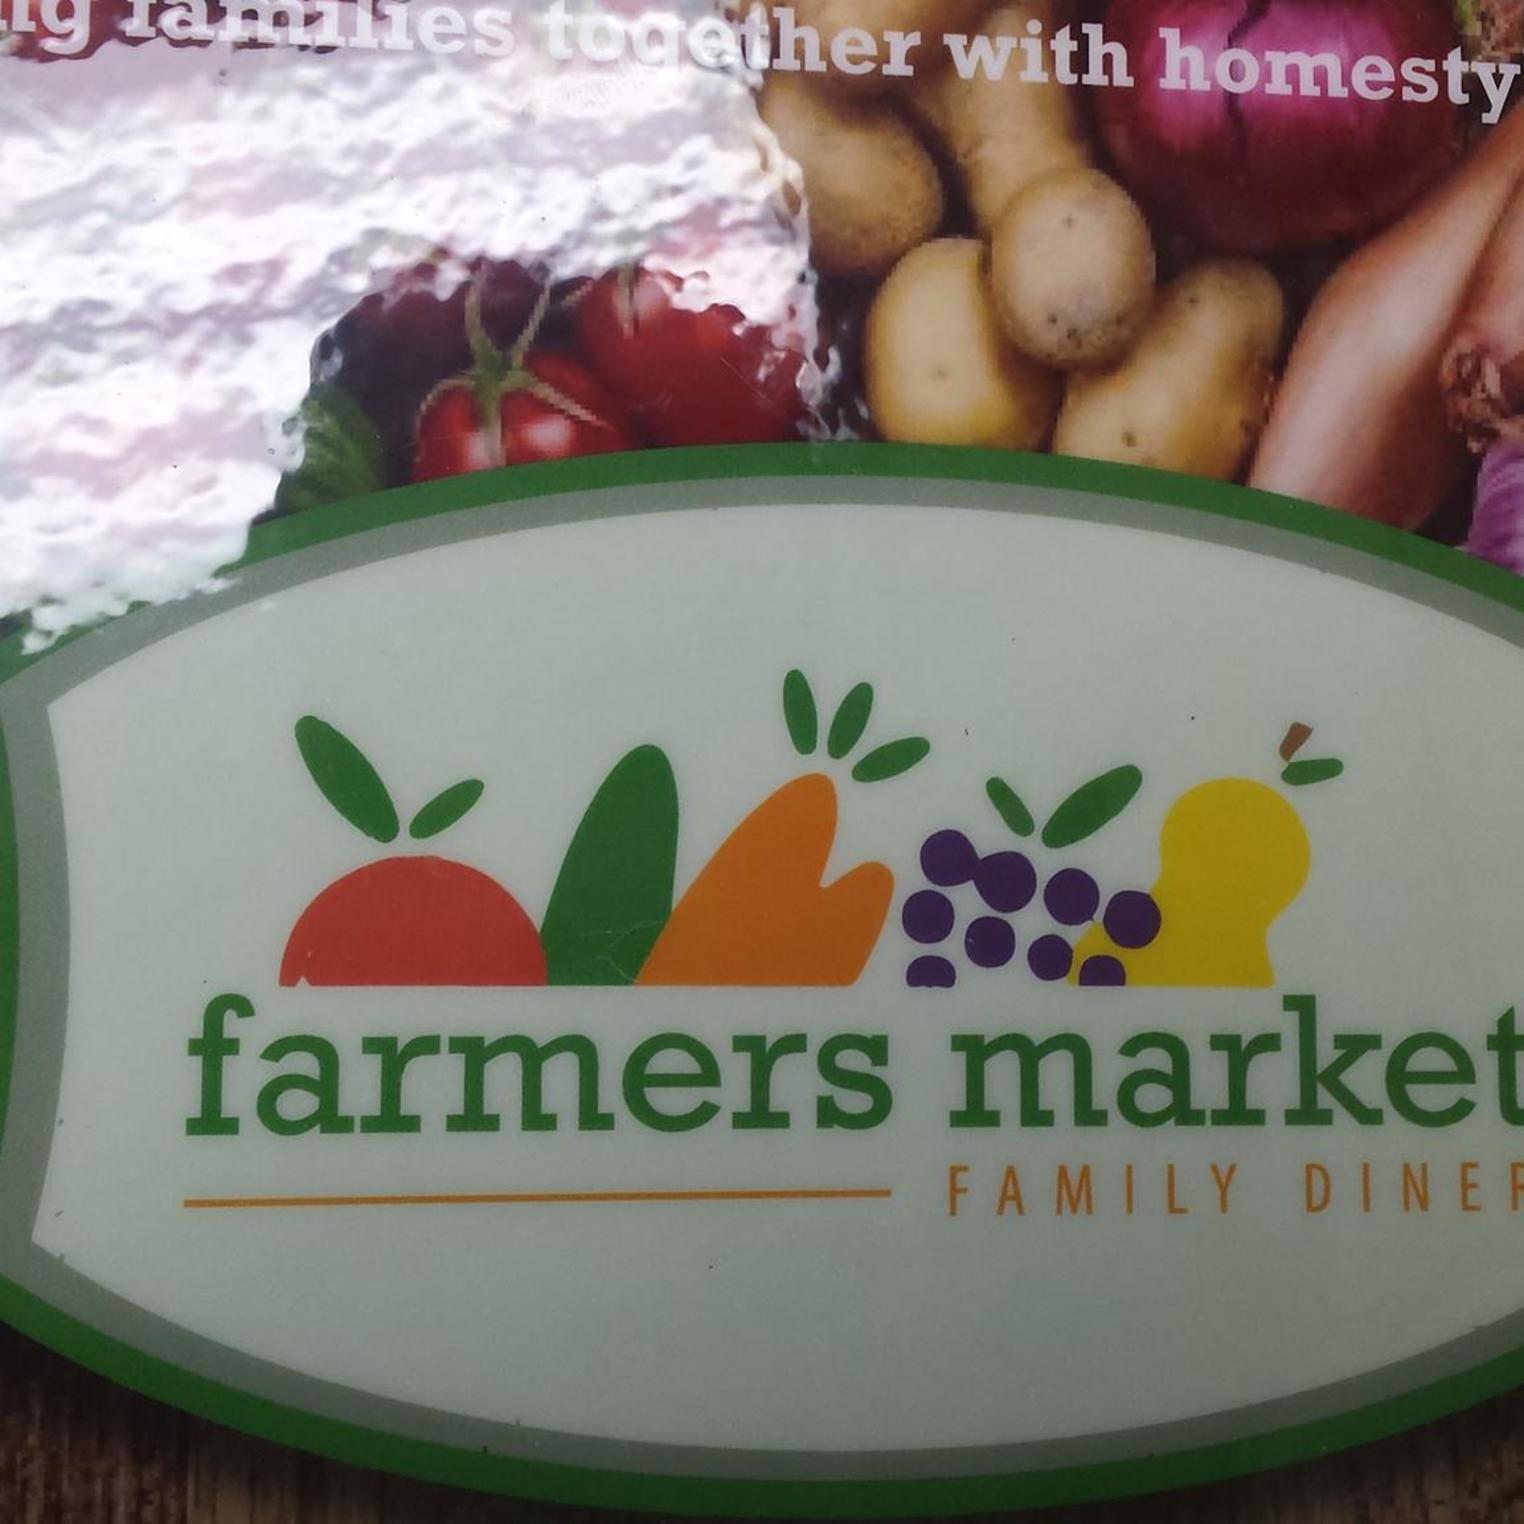 Farmers Market Family Diner